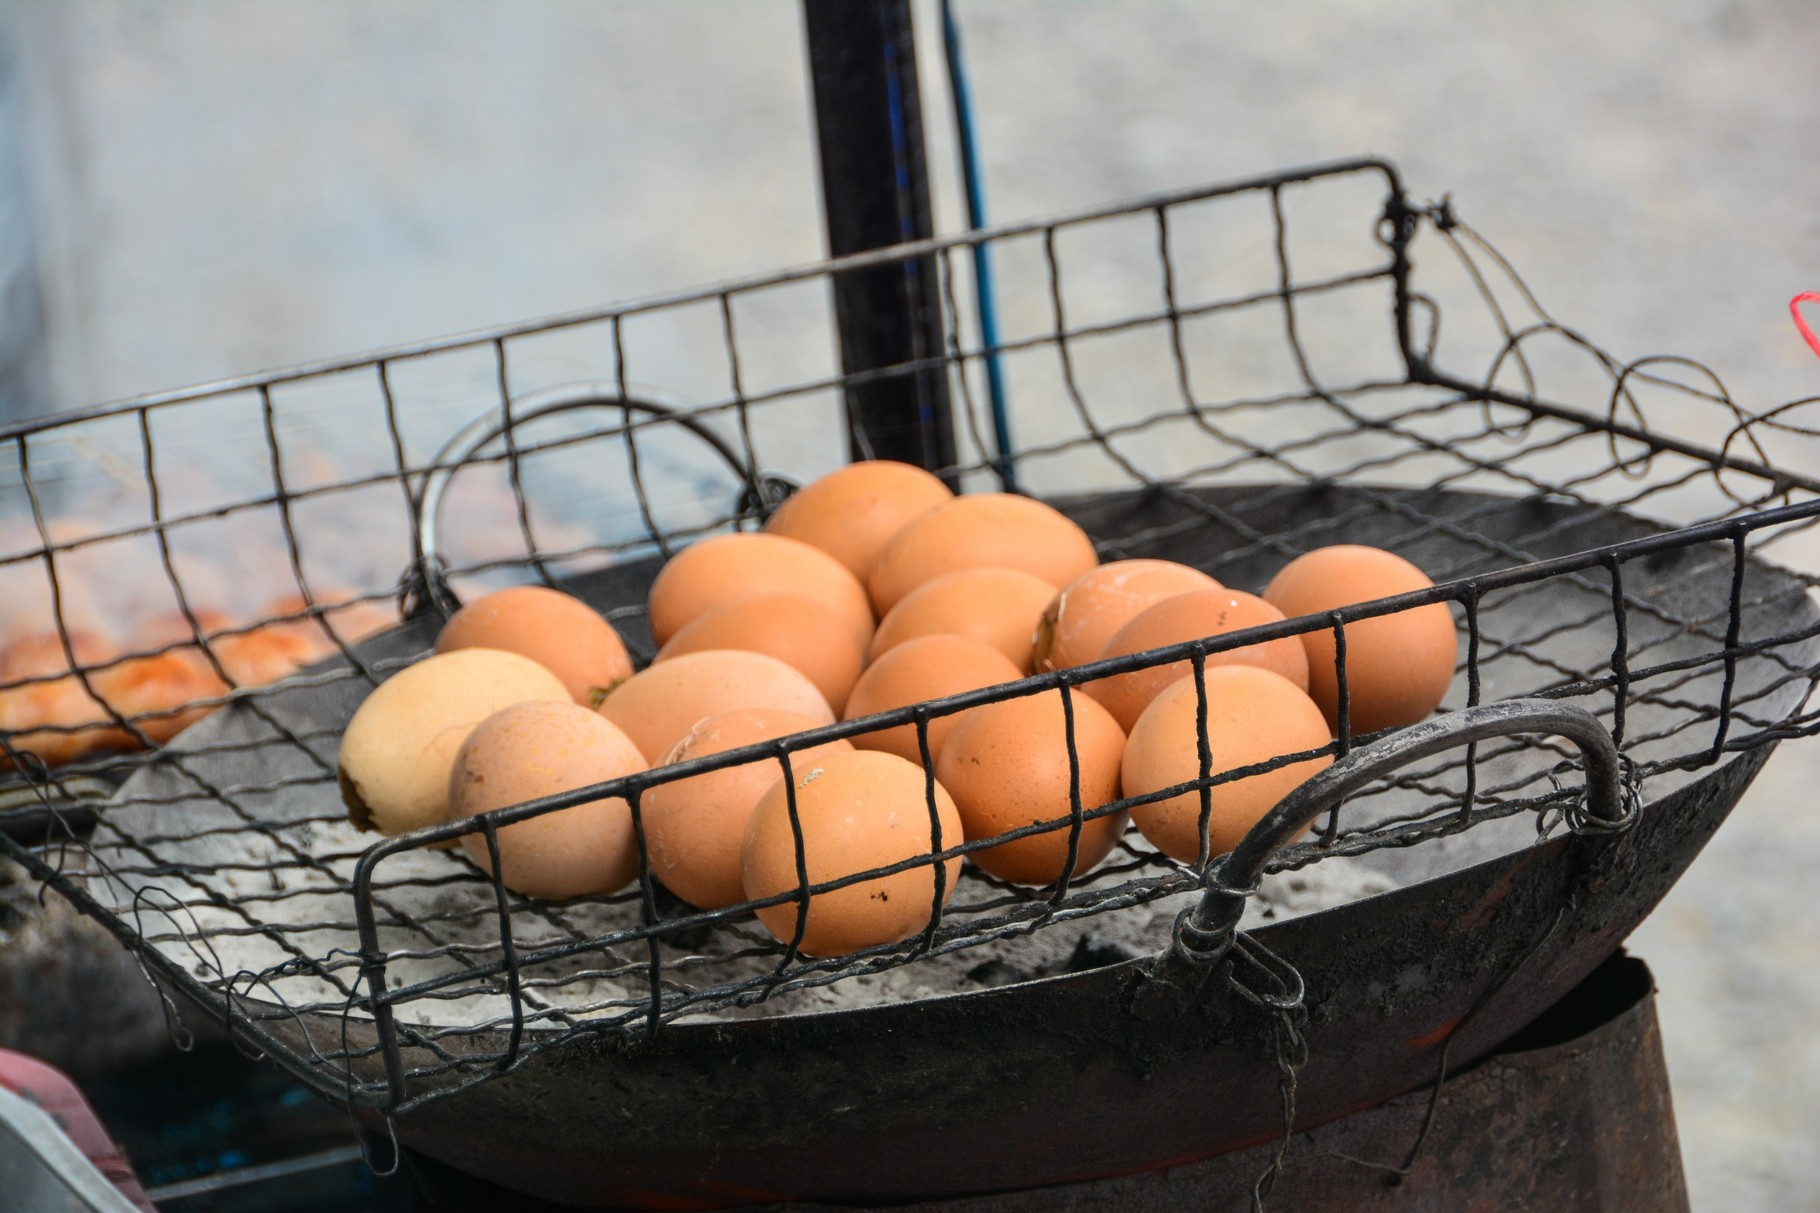 ...genauso die Eier - Eier muss man haben.....Eier